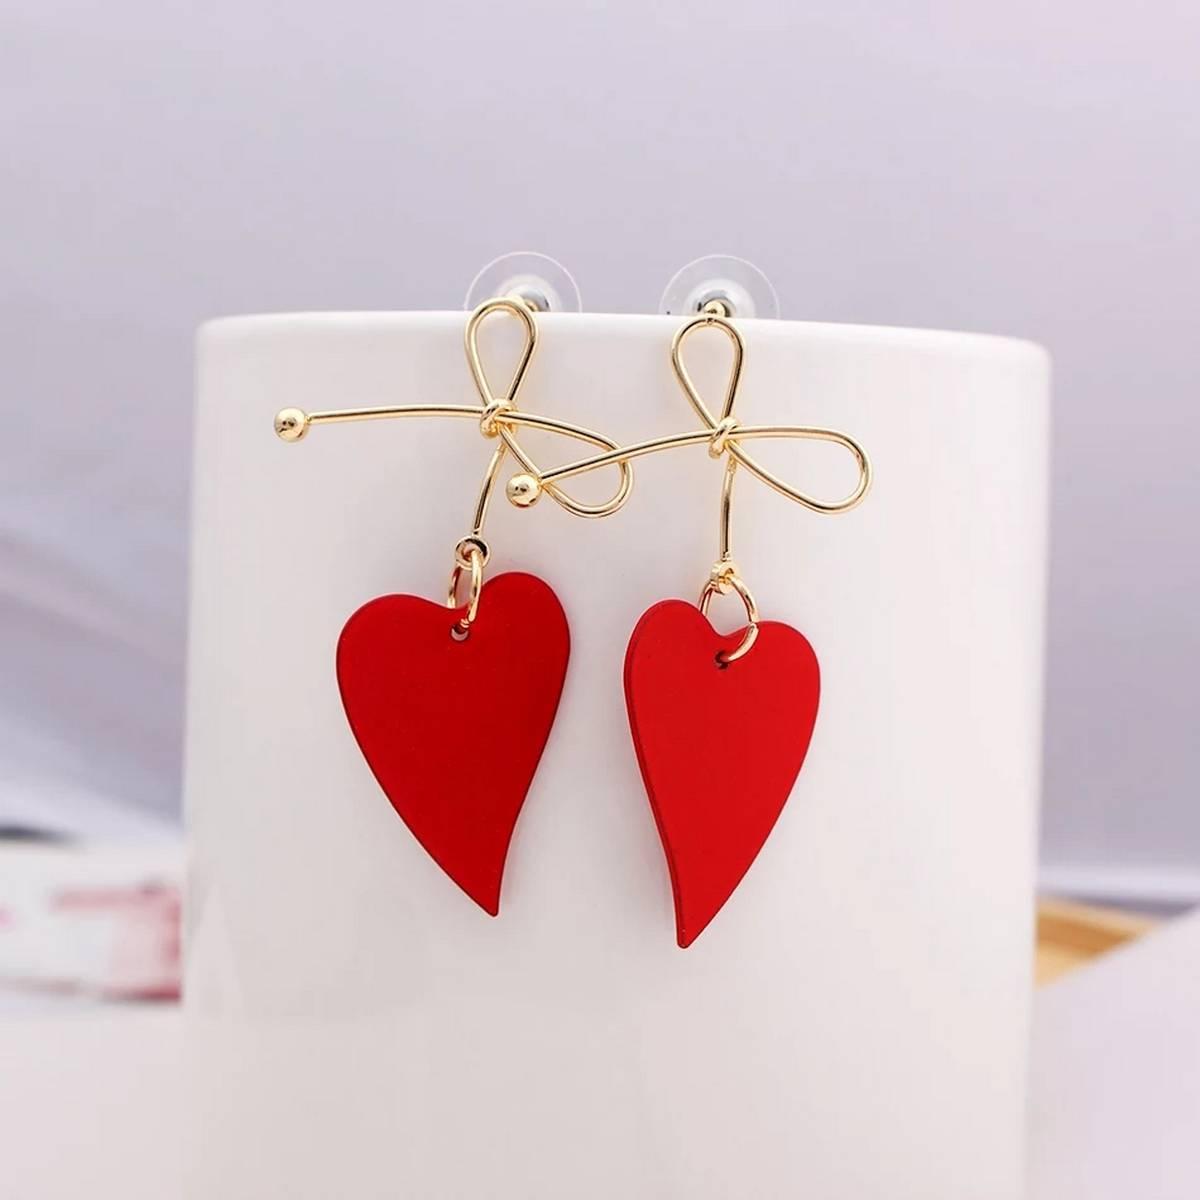 Heart Shapped Trendy Earrings